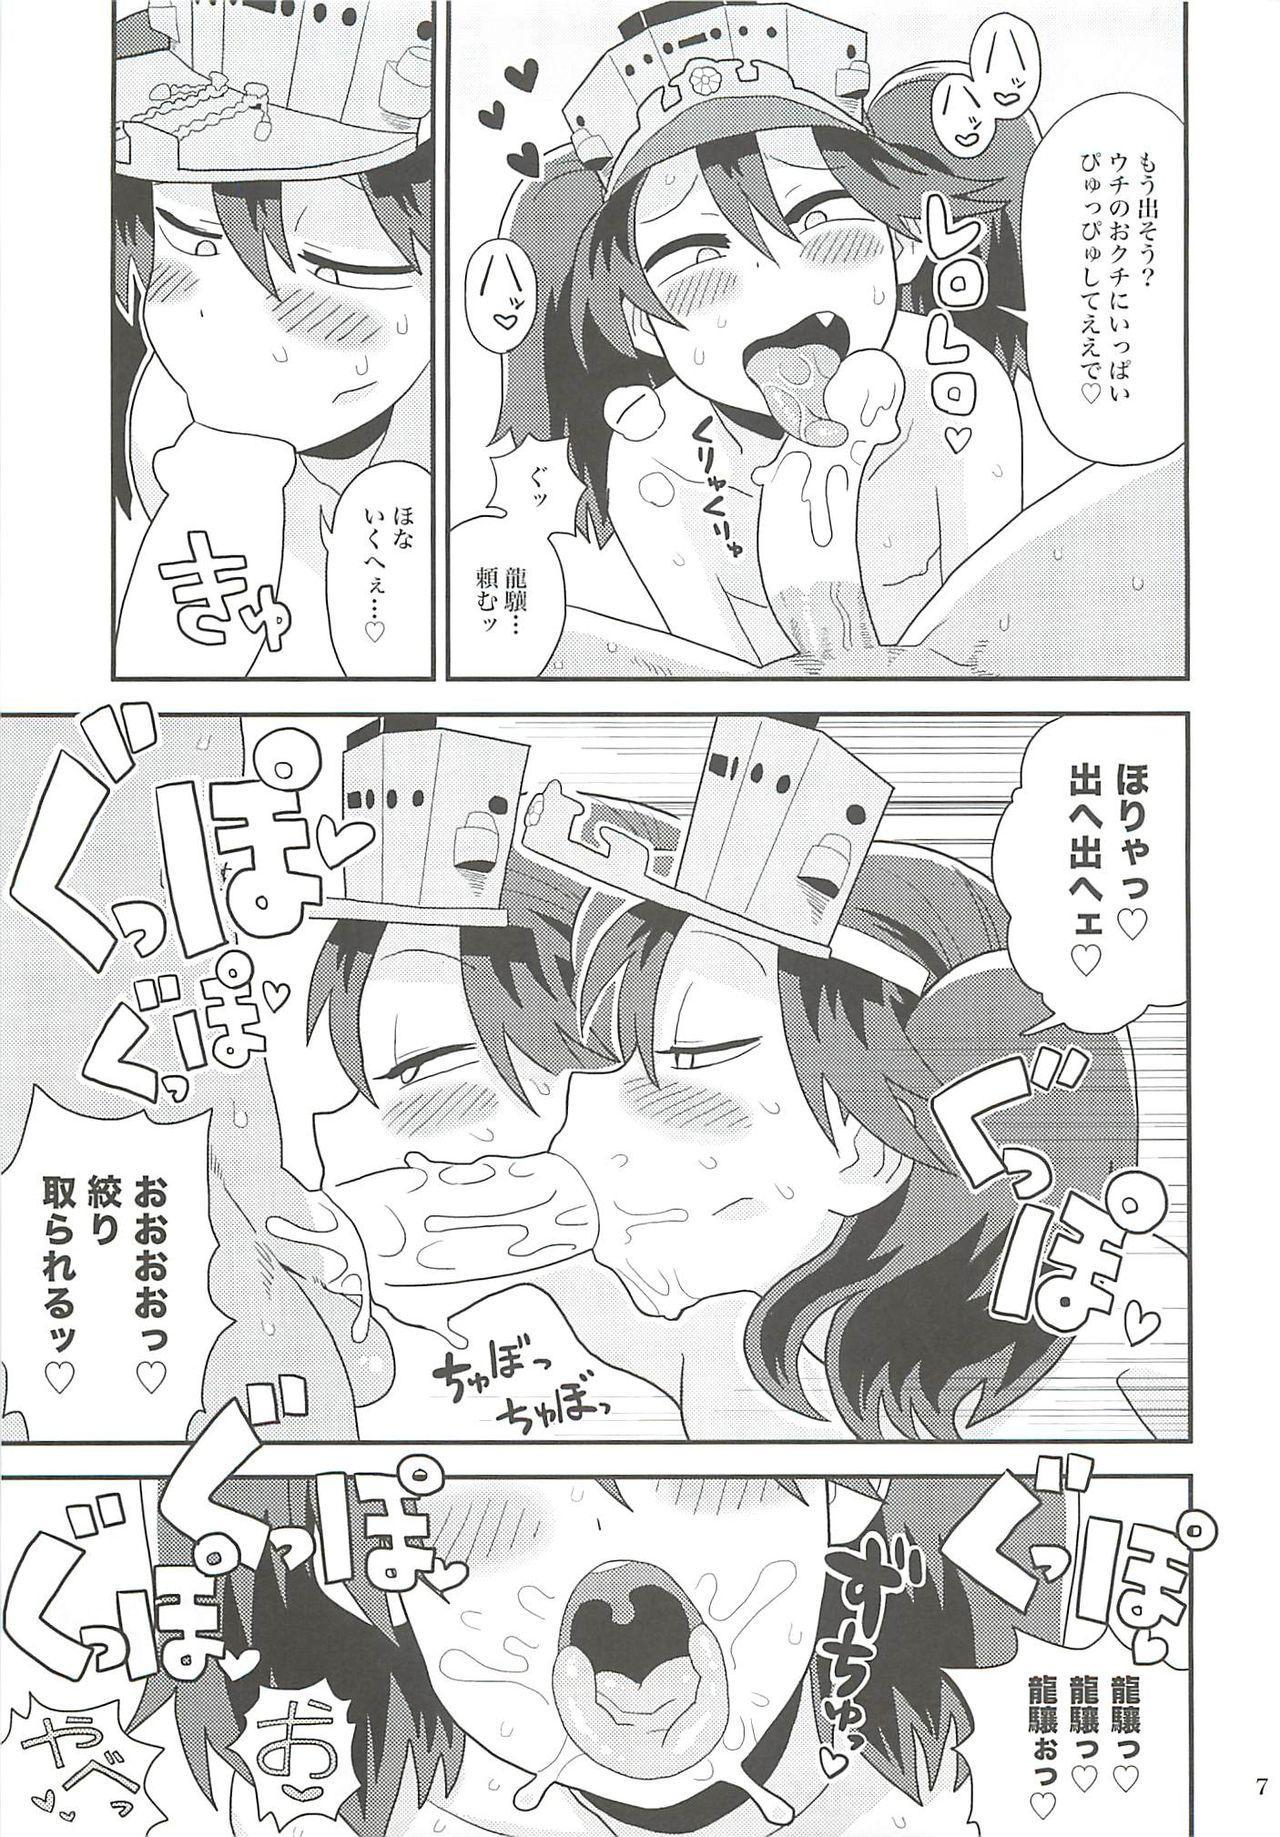 Ryuujou-chan no Dosukebe Pakopako Ninmu 5